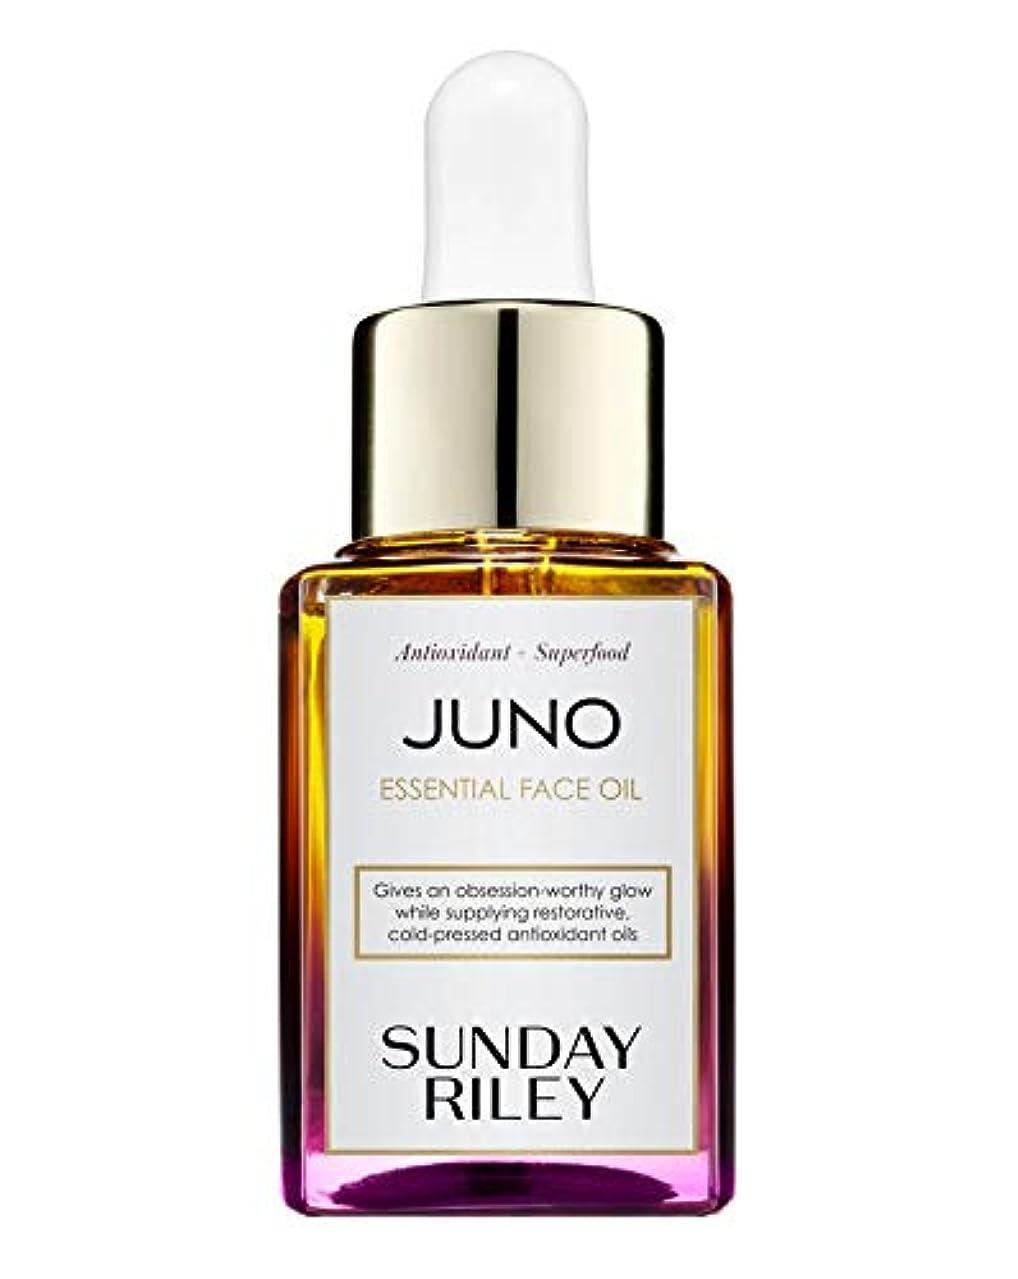 ヒント天のガイドSunday Riley Juno Hydroactive Cellular Face Oil 15ml サンデーライリー ジュノ フェイスオイル